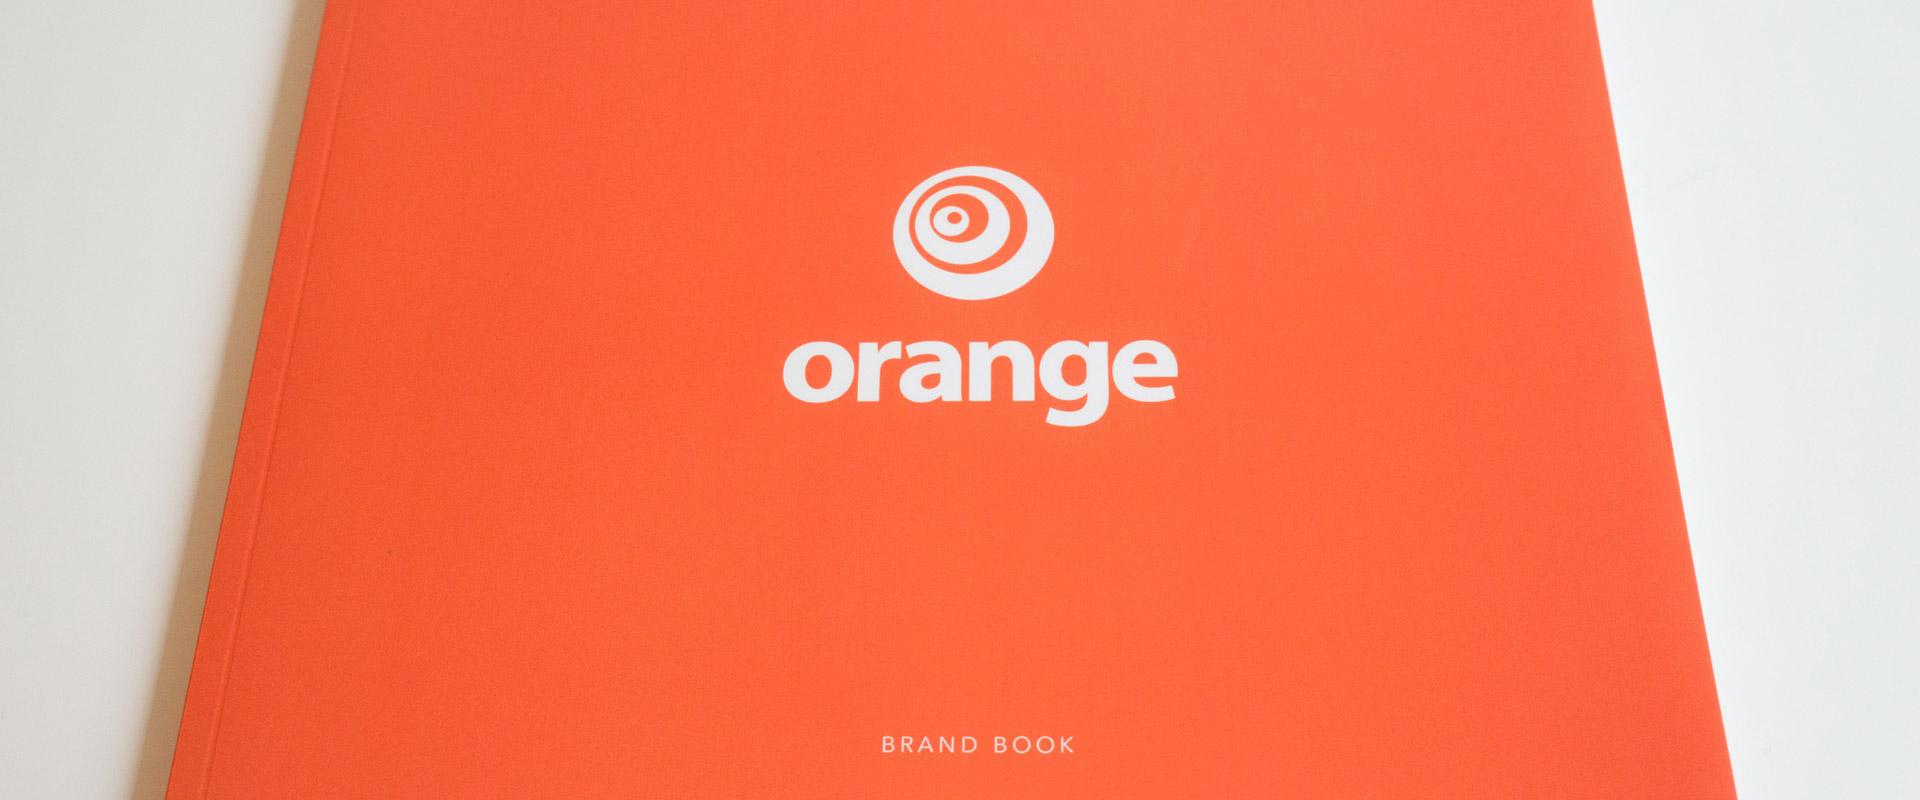 orangebrand-brandbook1.jpg